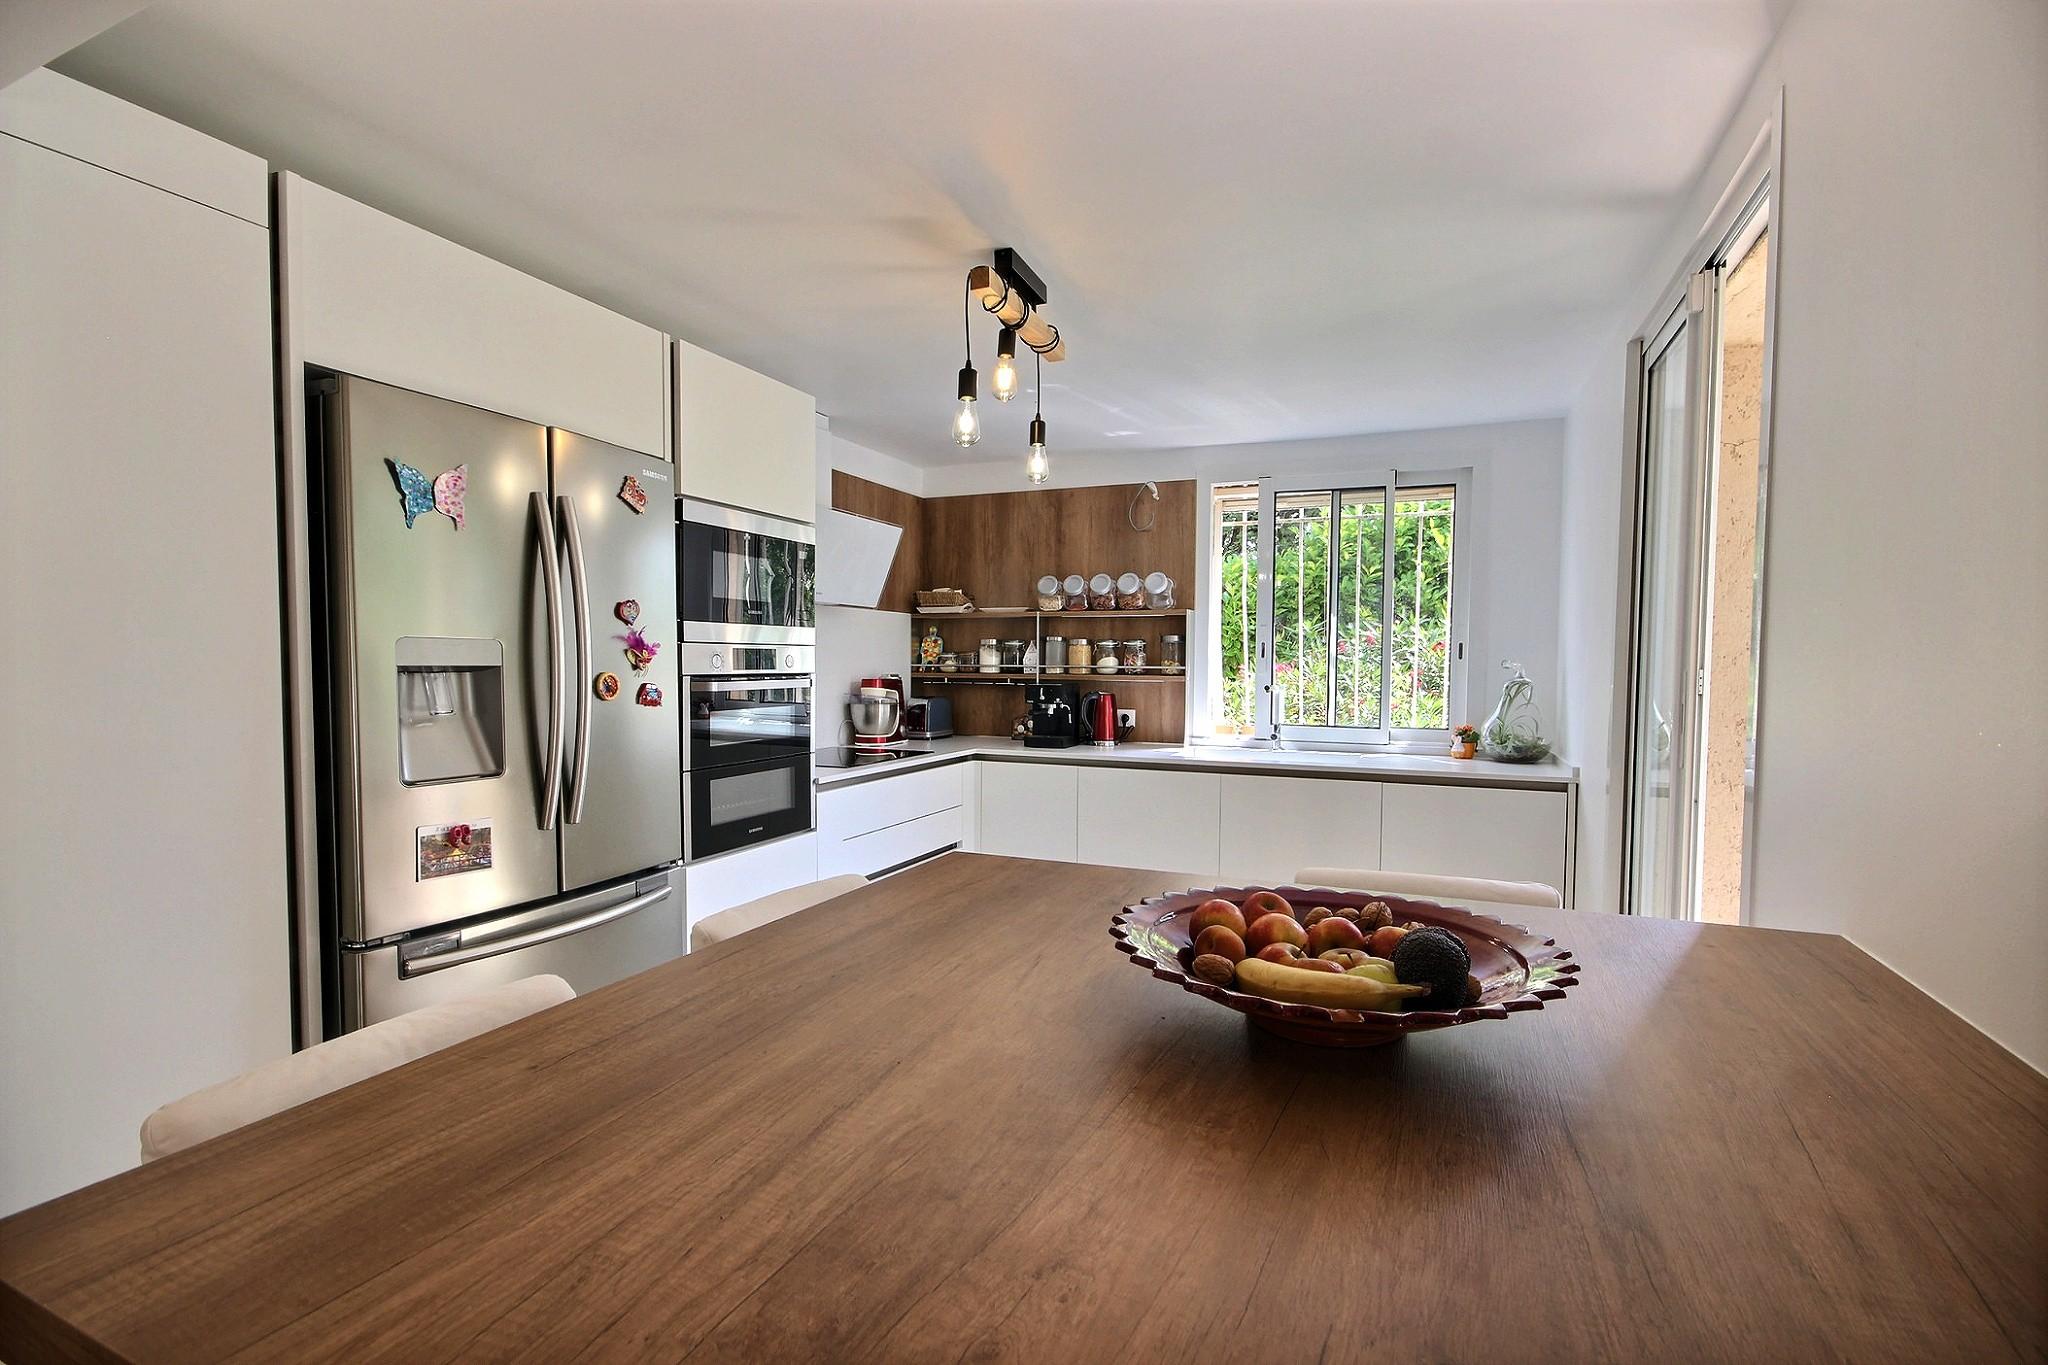 Rénovation de cuisine réalisé par Avéo